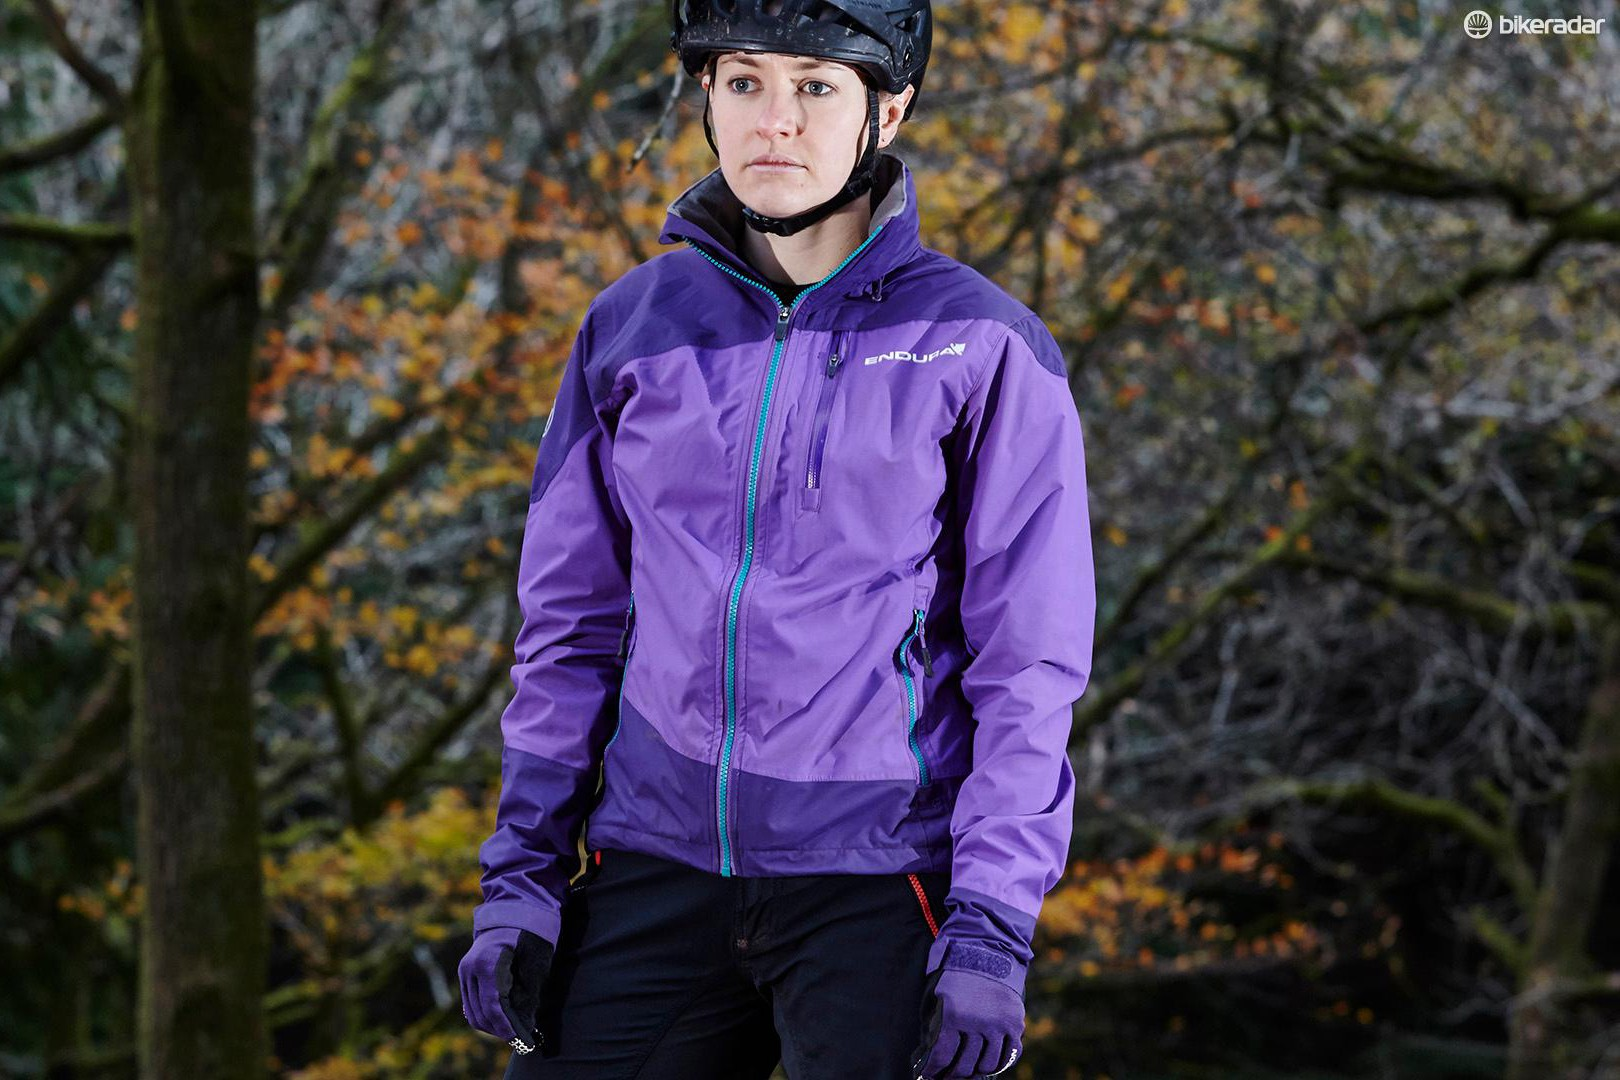 female cyclist wearing purple mountain bike jacket